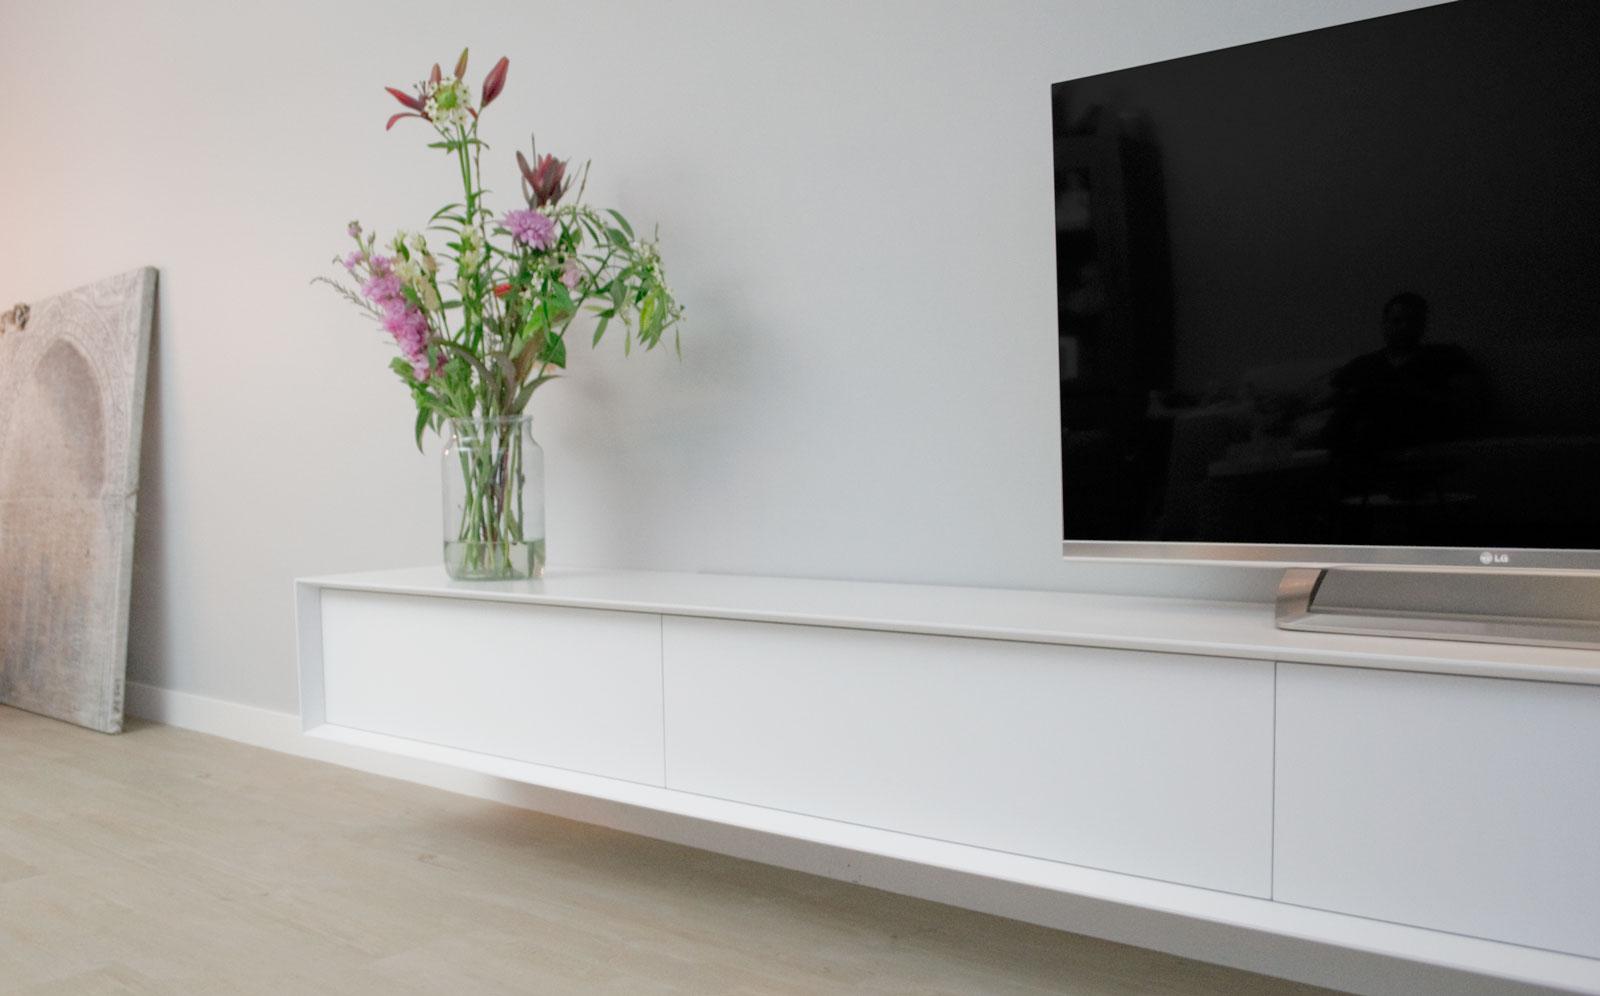 Afbeelding van een wit design TV meubel vanuit een perspectivische hoek gefotografeerd.